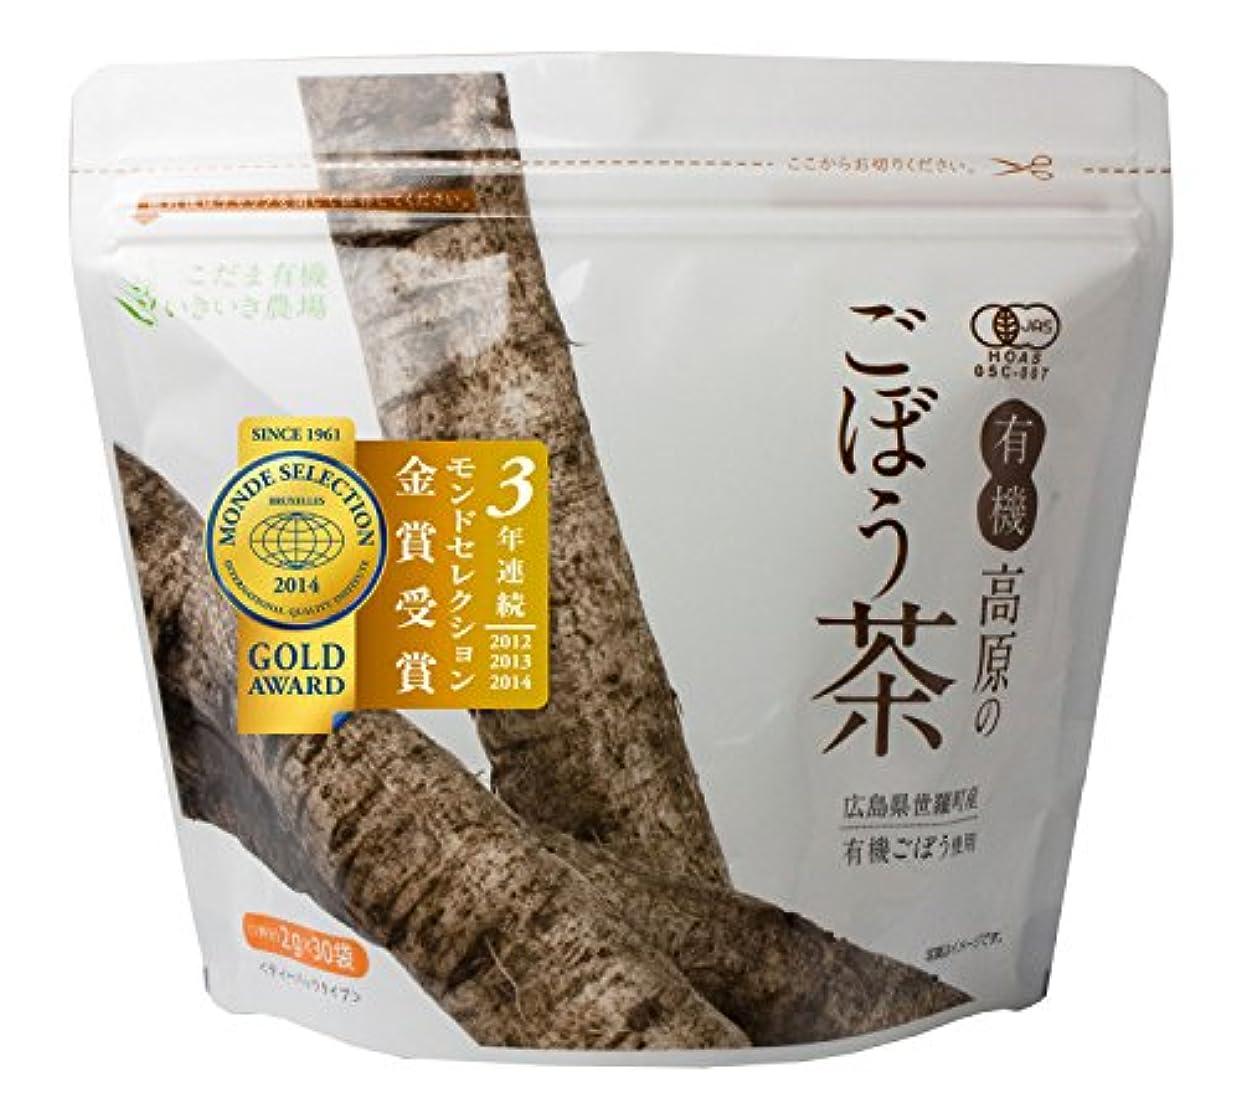 ではごきげんようグレード不正直こだま食品 有機高原のごぼう茶 2g×30袋 311037001